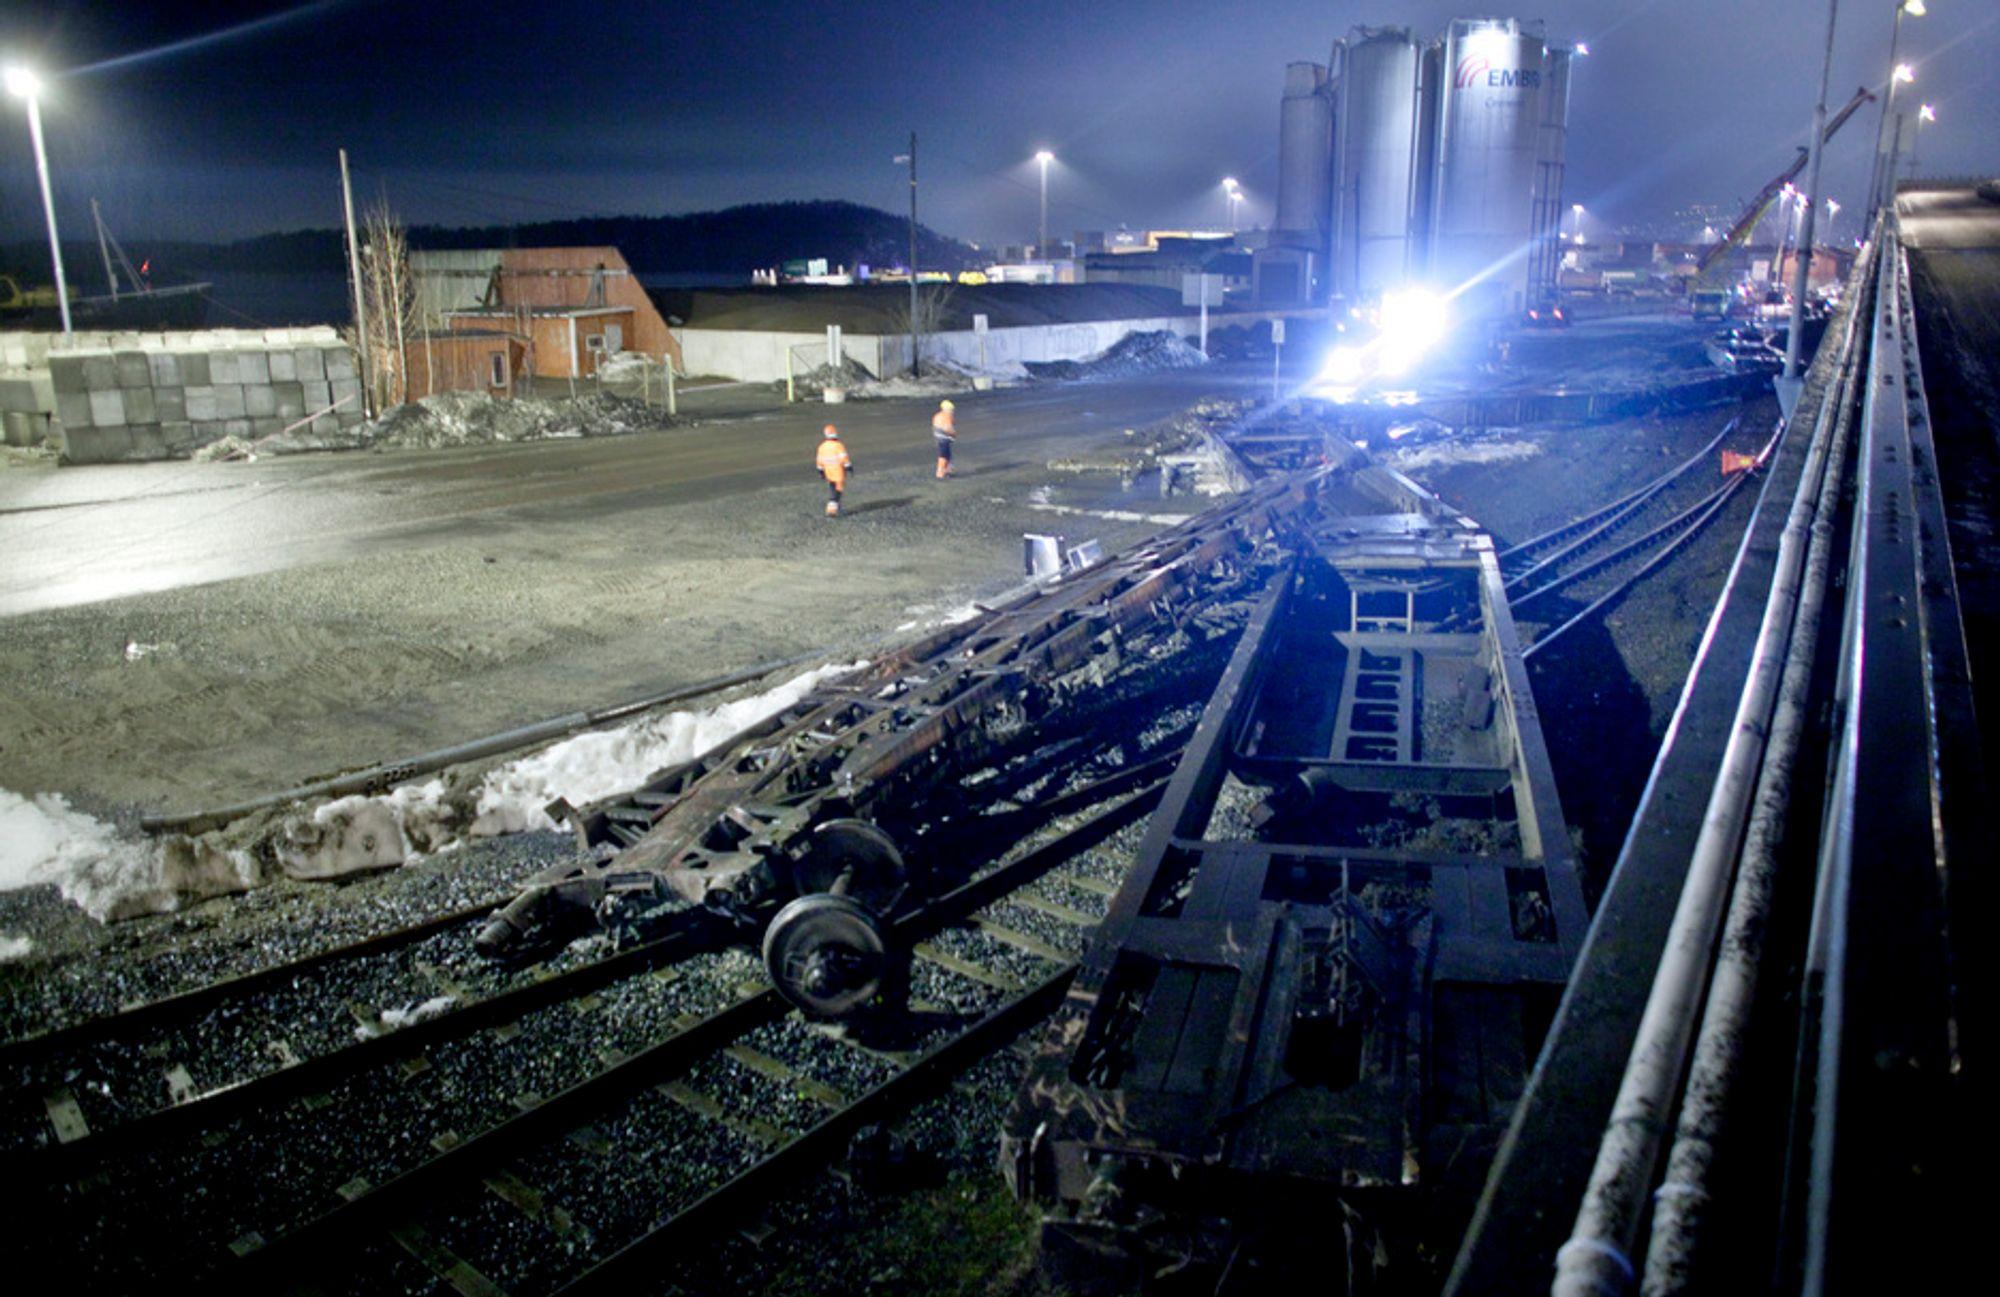 Opprydningsarbeidet etter togulykken på Sjursøya i Oslo pågikk hele natt til torsdag.